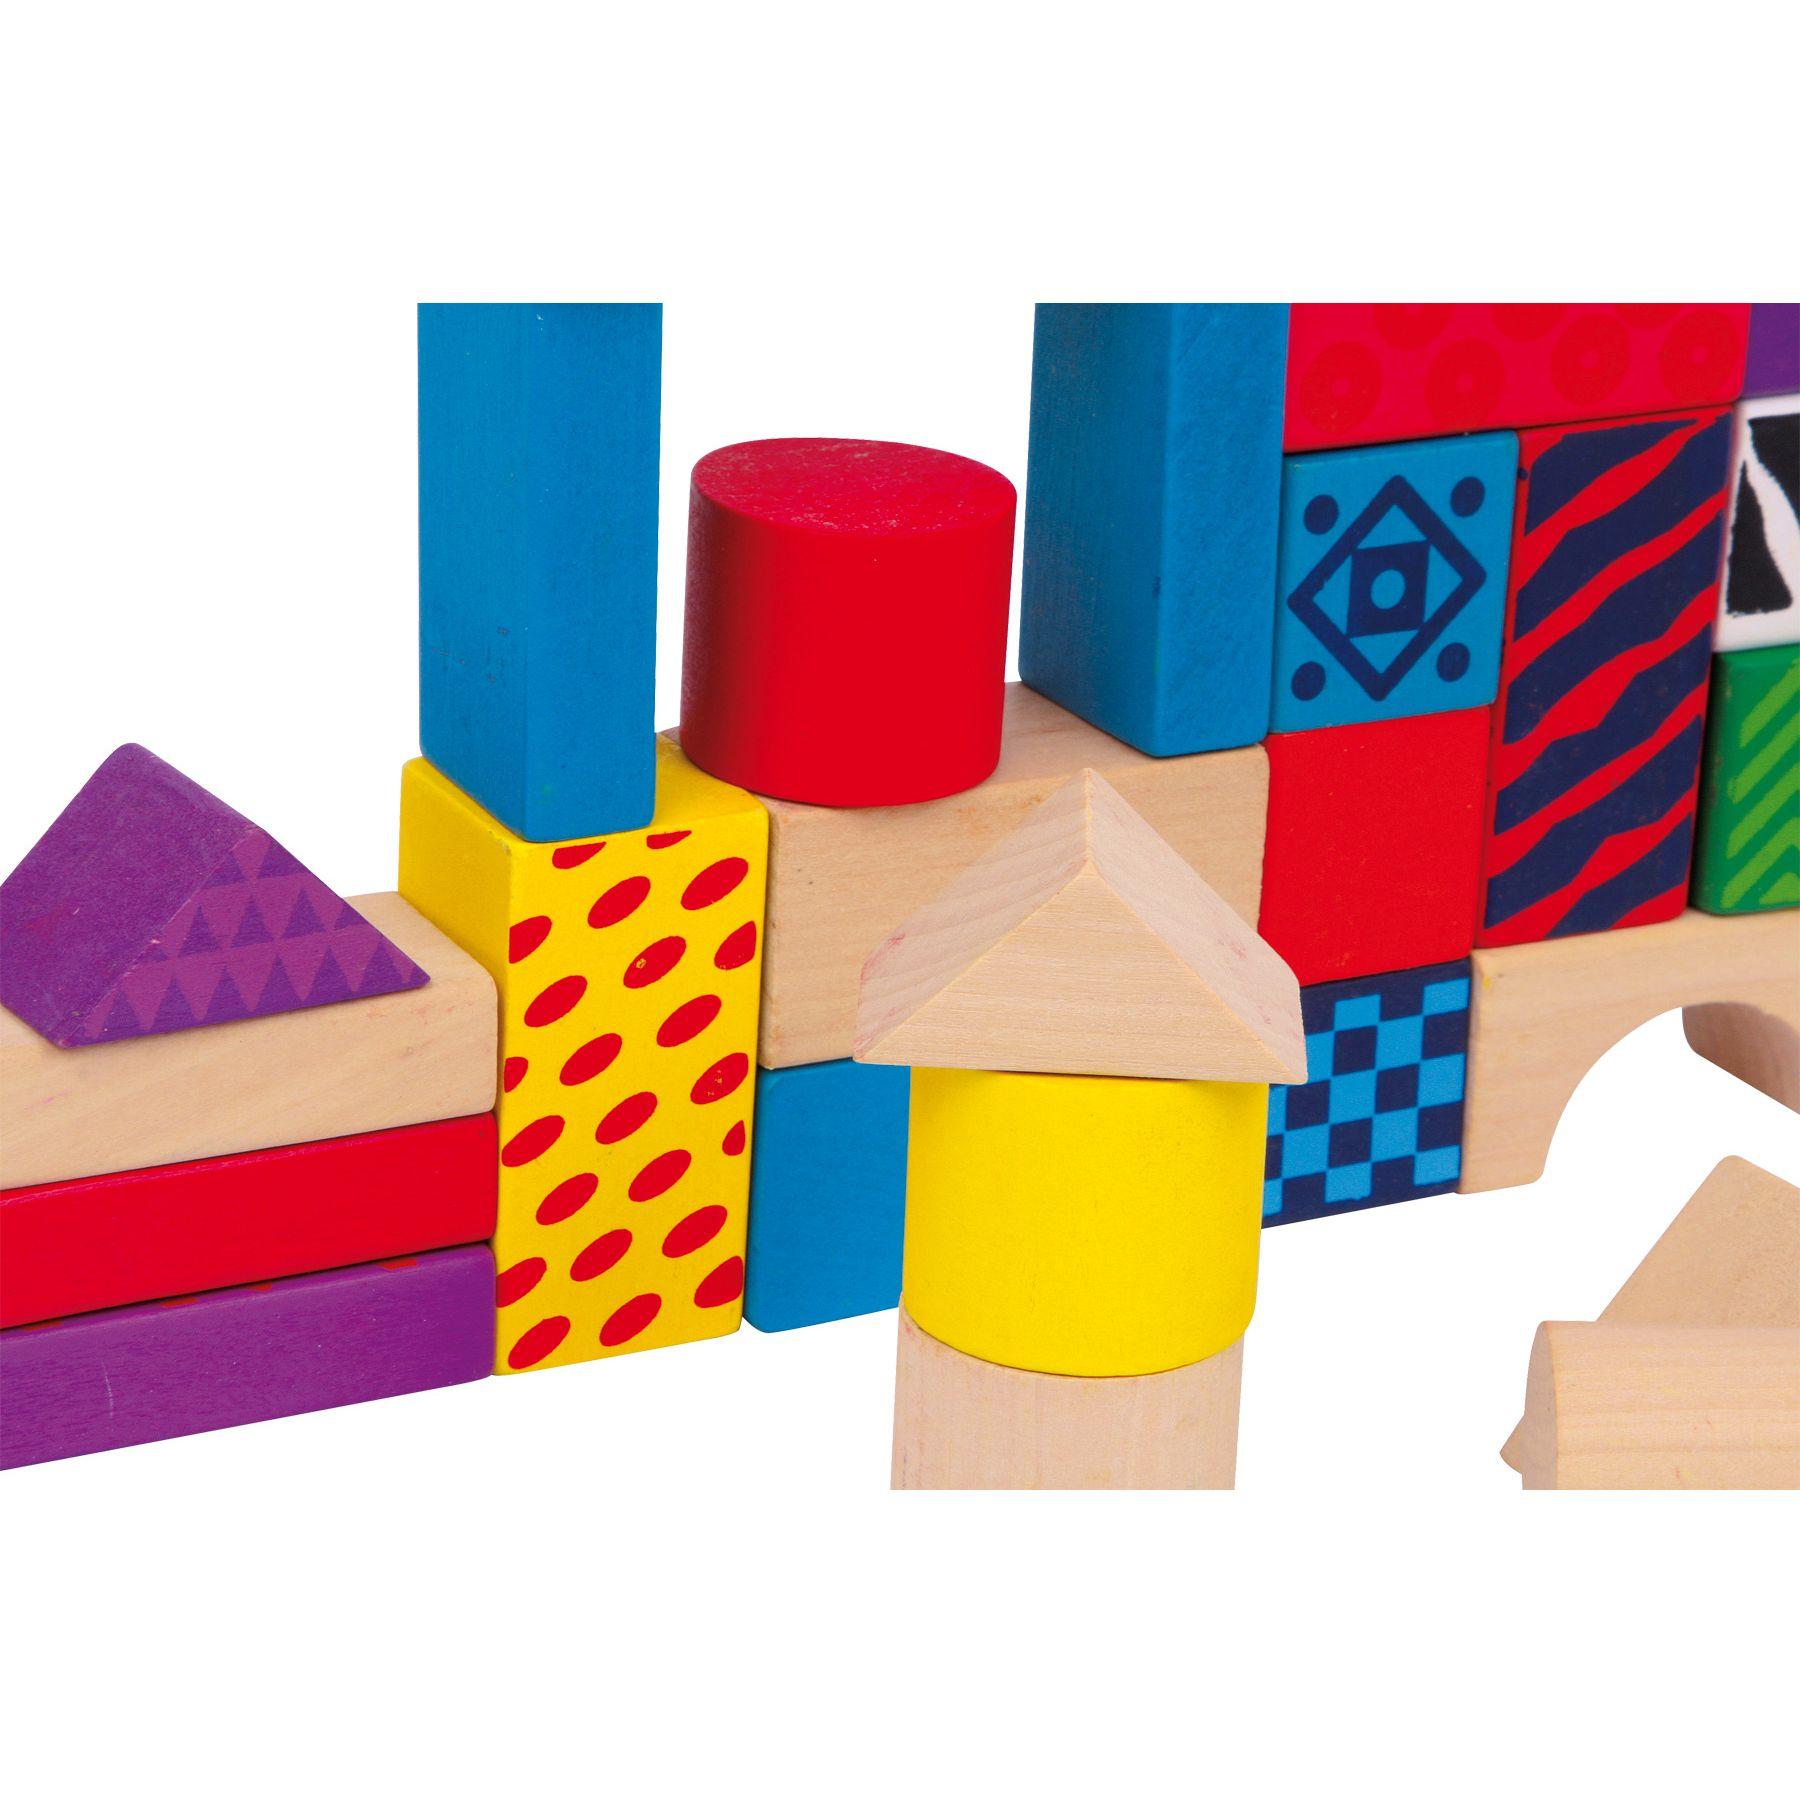 Jeux et Jouets Lelgler - Small foot Blocs de construction en bois